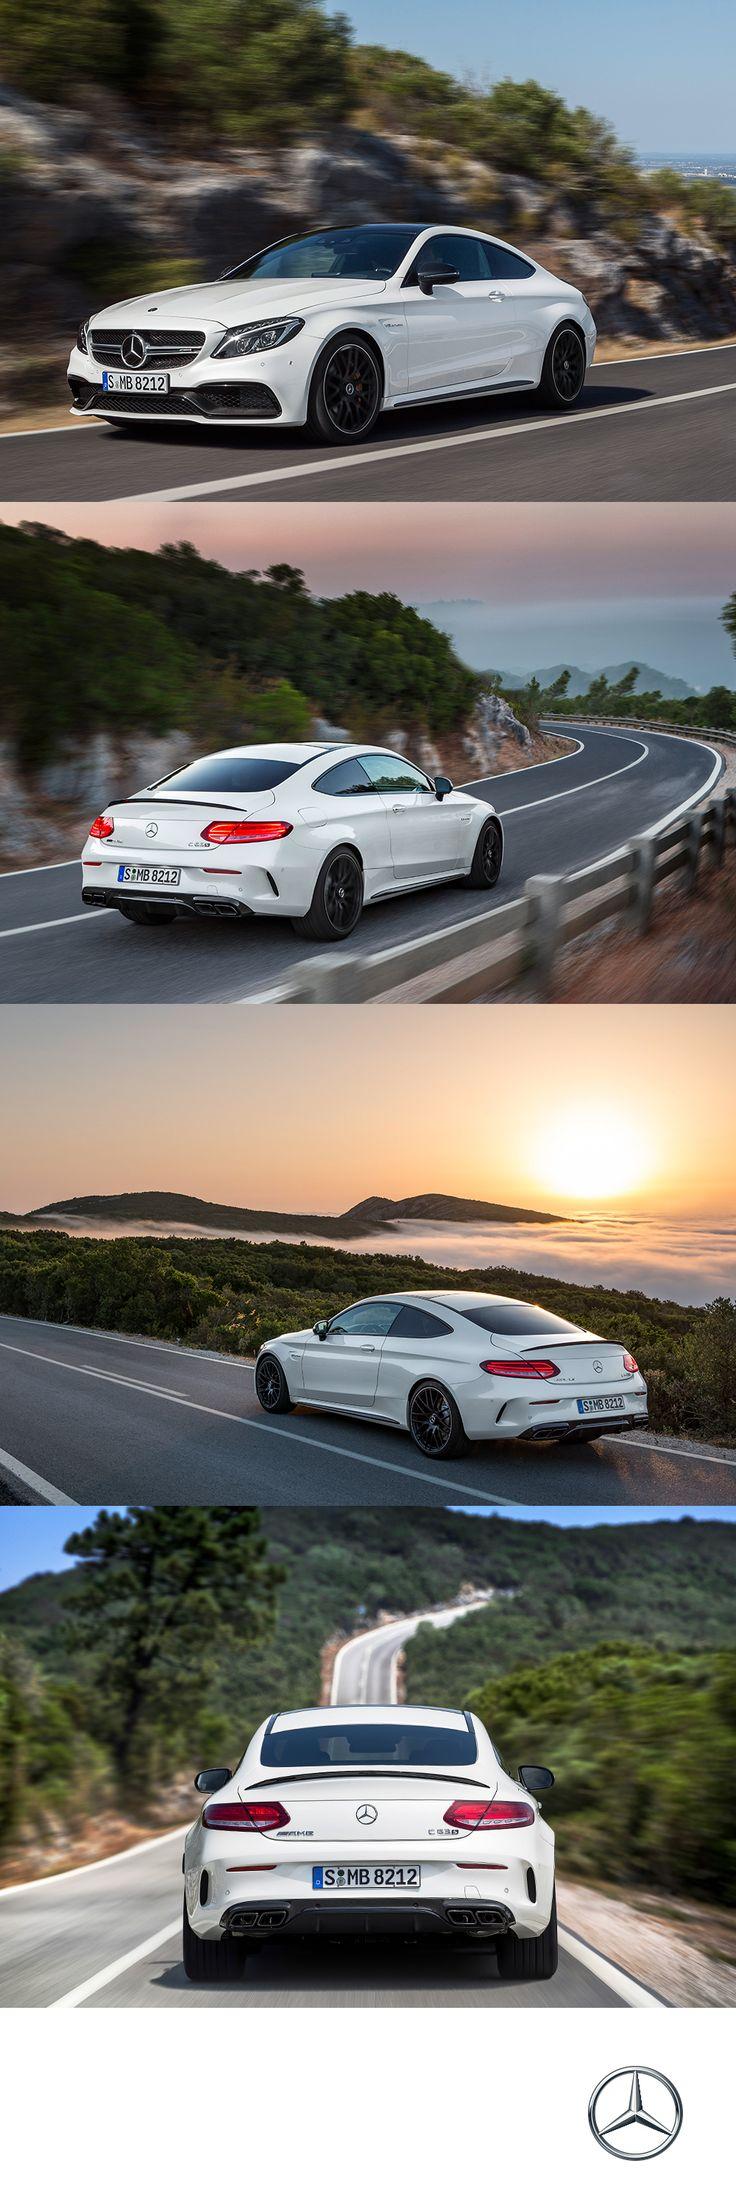 Boasting a 4.0 Liter V-8 biturbo engine, the Mercedes-AMG C63 S Coupe boosts from 0-60 in 3.8 seconds jetzt neu! ->. . . . . der Blog für den Gentleman.viele interessante Beiträge  - www.thegentlemanclub.de/blog